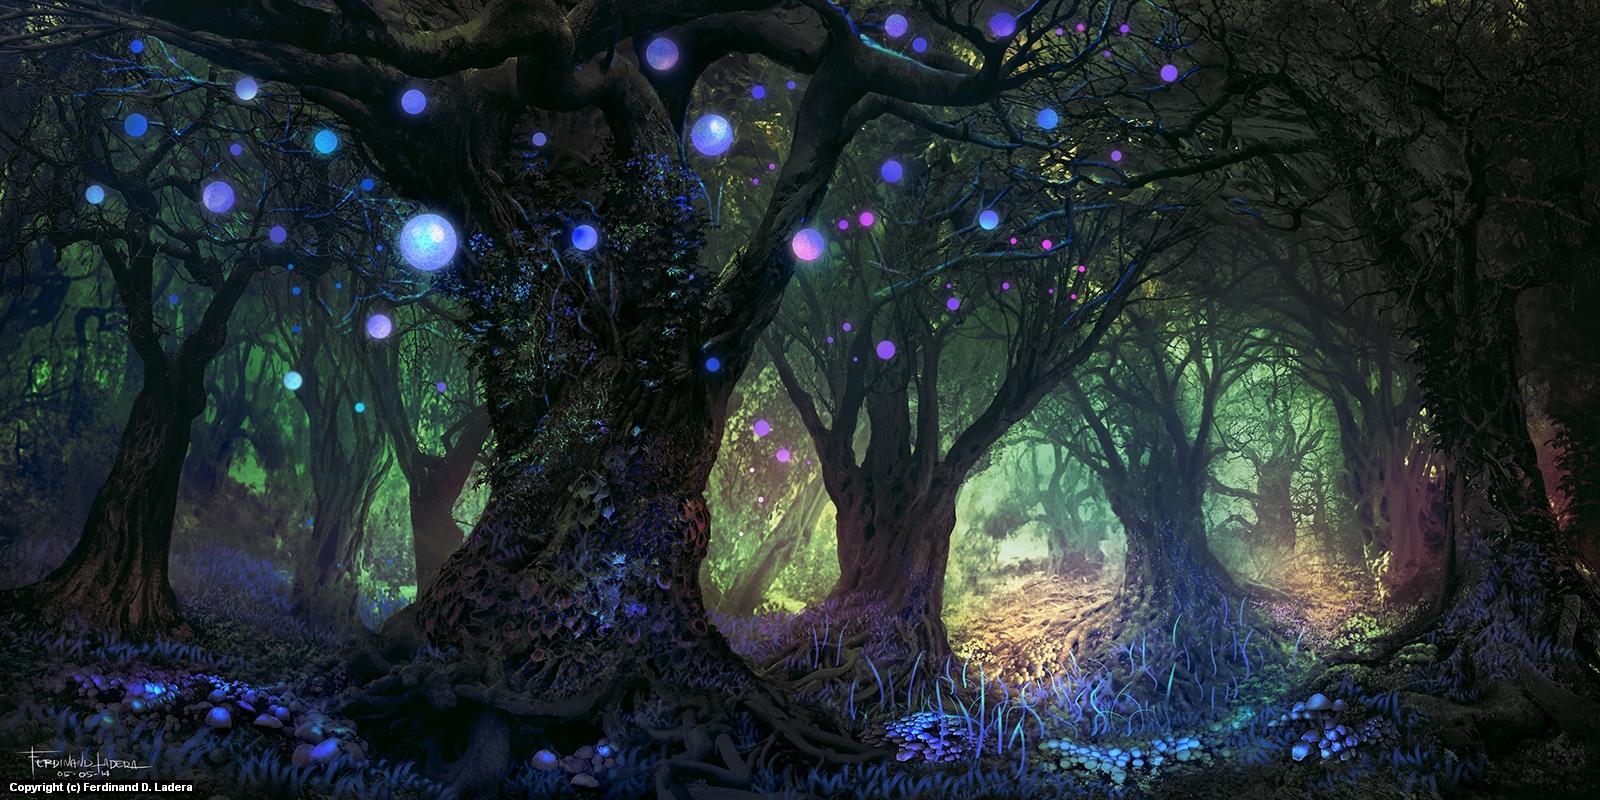 Forest Wisp Artwork by Ferdinand Ladera